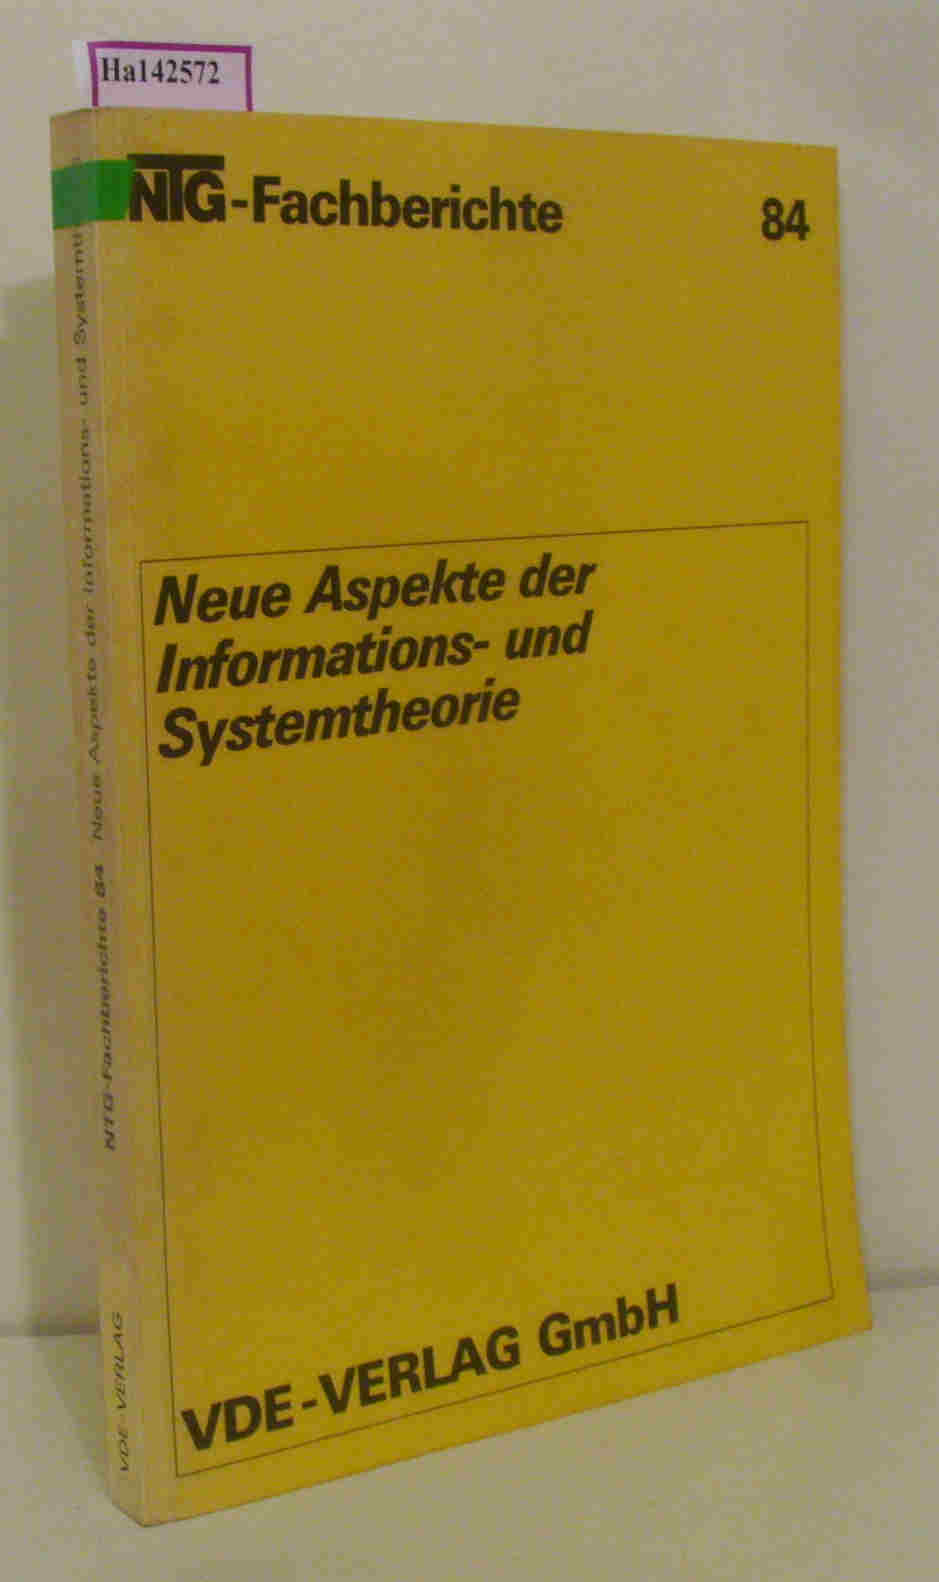 Neue Aspekte der Informations- und Systemtheorie. (=NTG-Fachberichte  84).